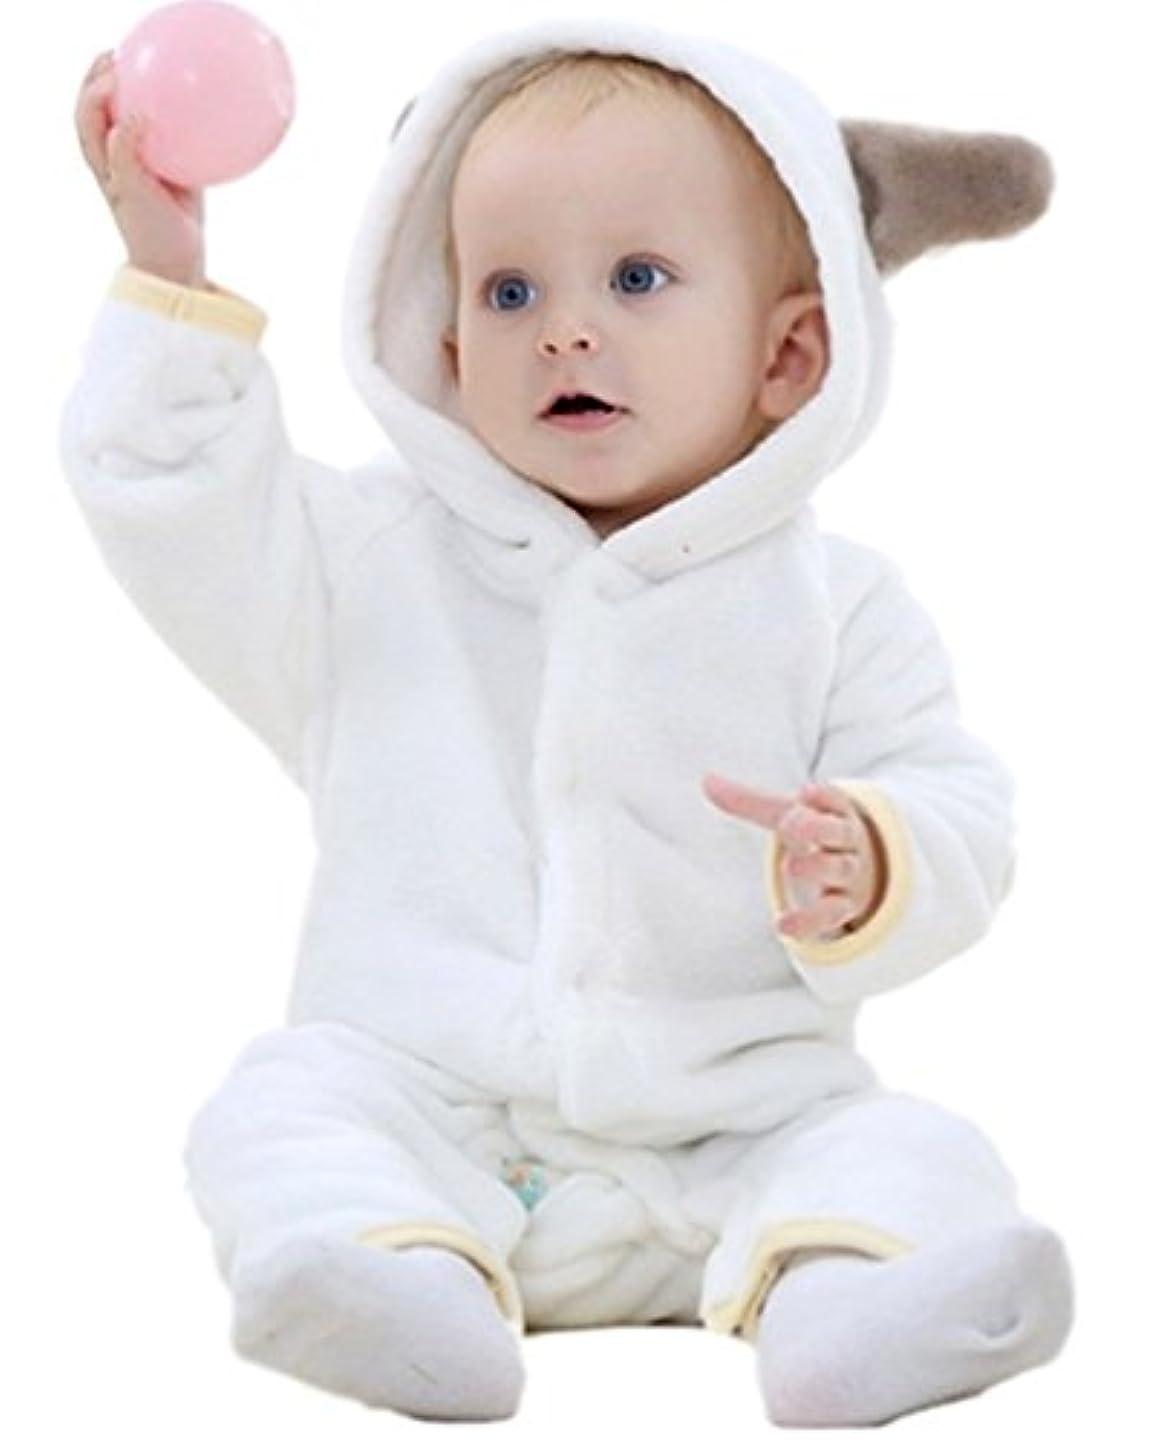 プレビスサイト従事する環境(C-blossom)ベビー キッズ ロンパース カバーオール 着ぐるみ コスチューム 防寒着 マシュマロボア&オーガニックコットン 男の子 女の子 70# 80# 90# C-005 (70, ホワイト)